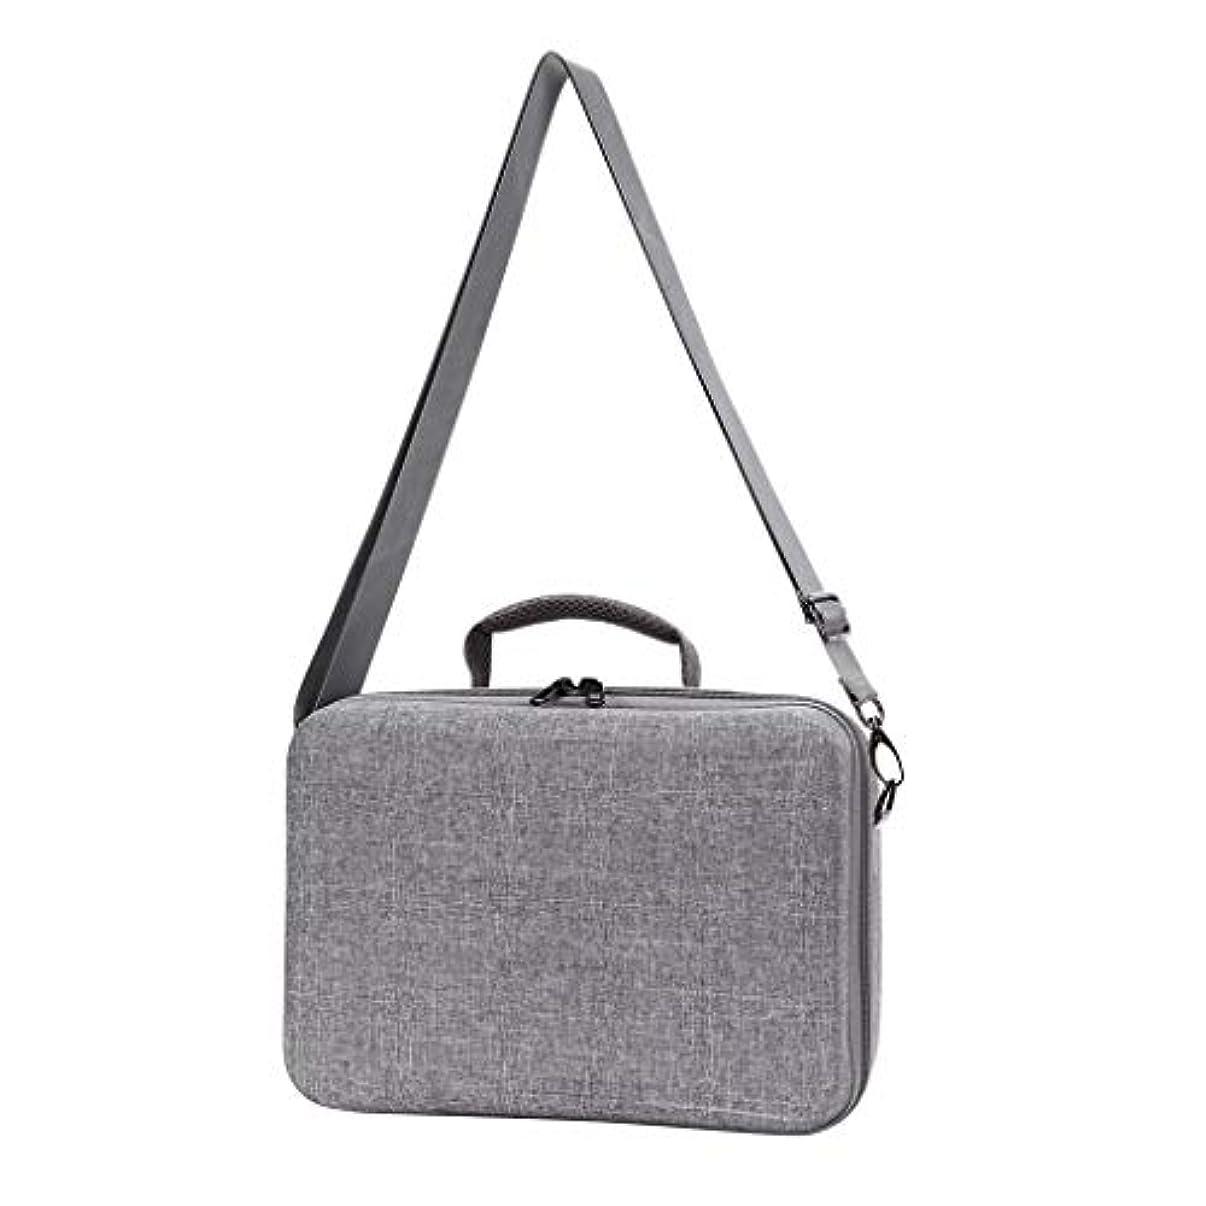 ヤギさておき宿収納バッグ スーツケース 防水 道具 ケース 汎用性